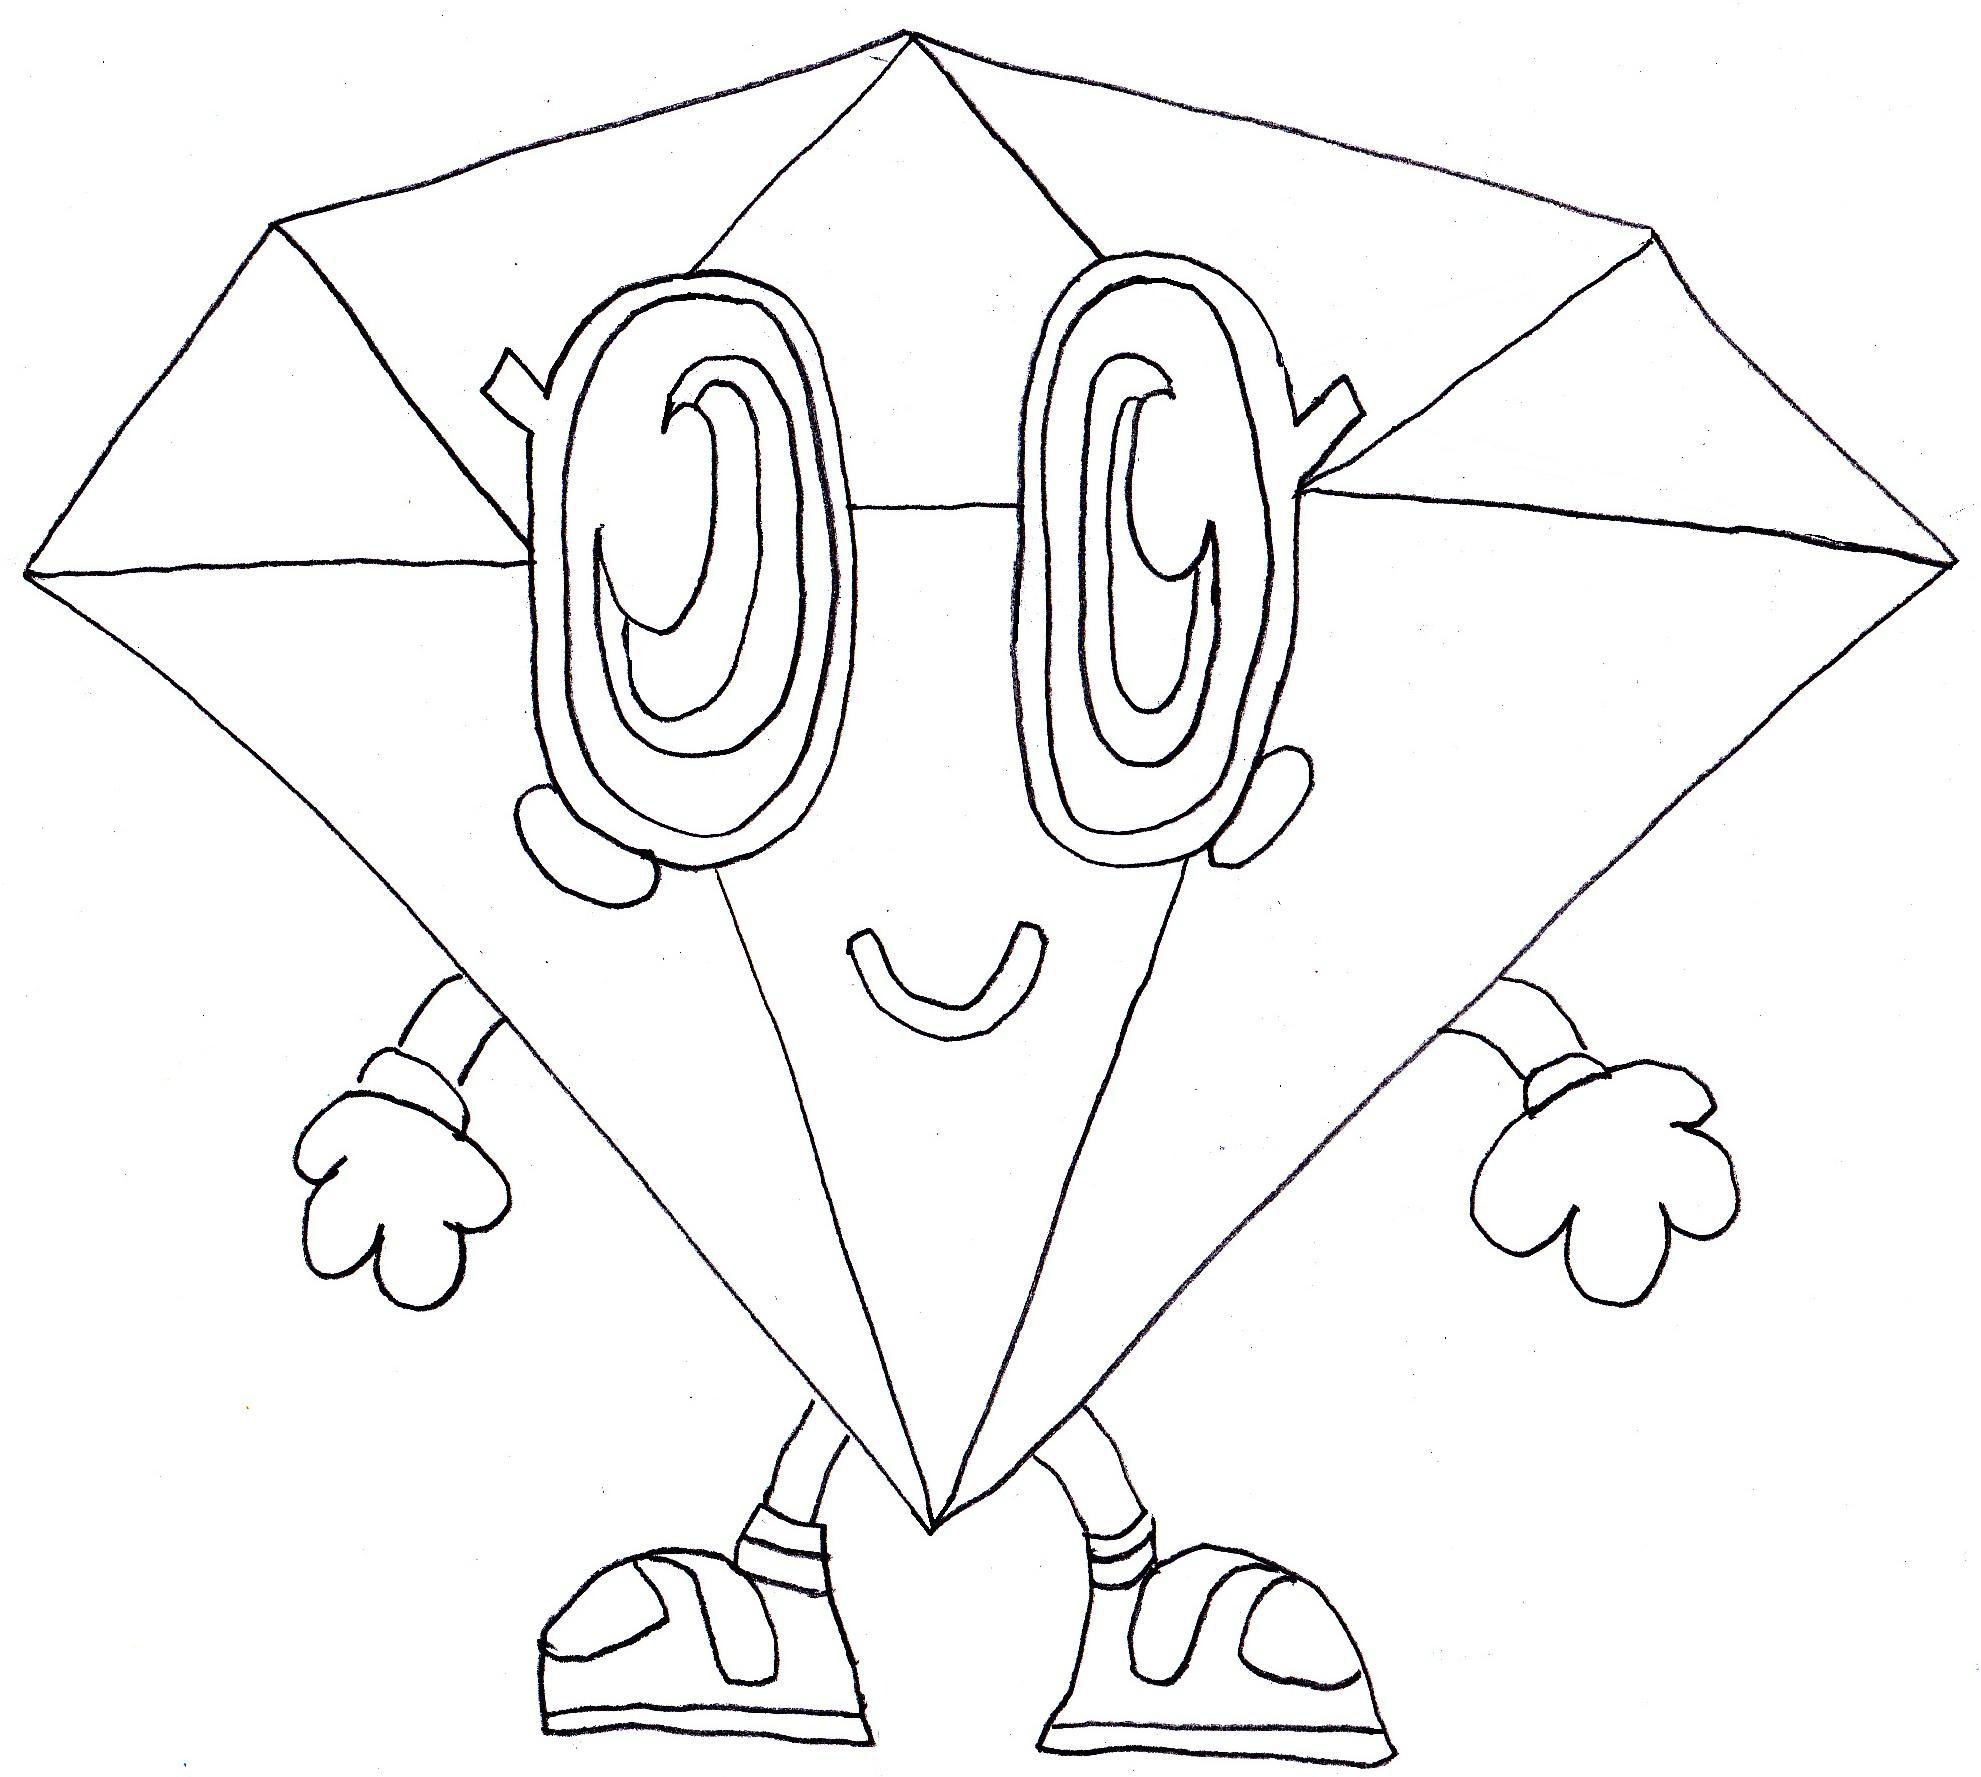 Großzügig Moshi Monster White Fang Malvorlagen Ideen - Malvorlagen ...